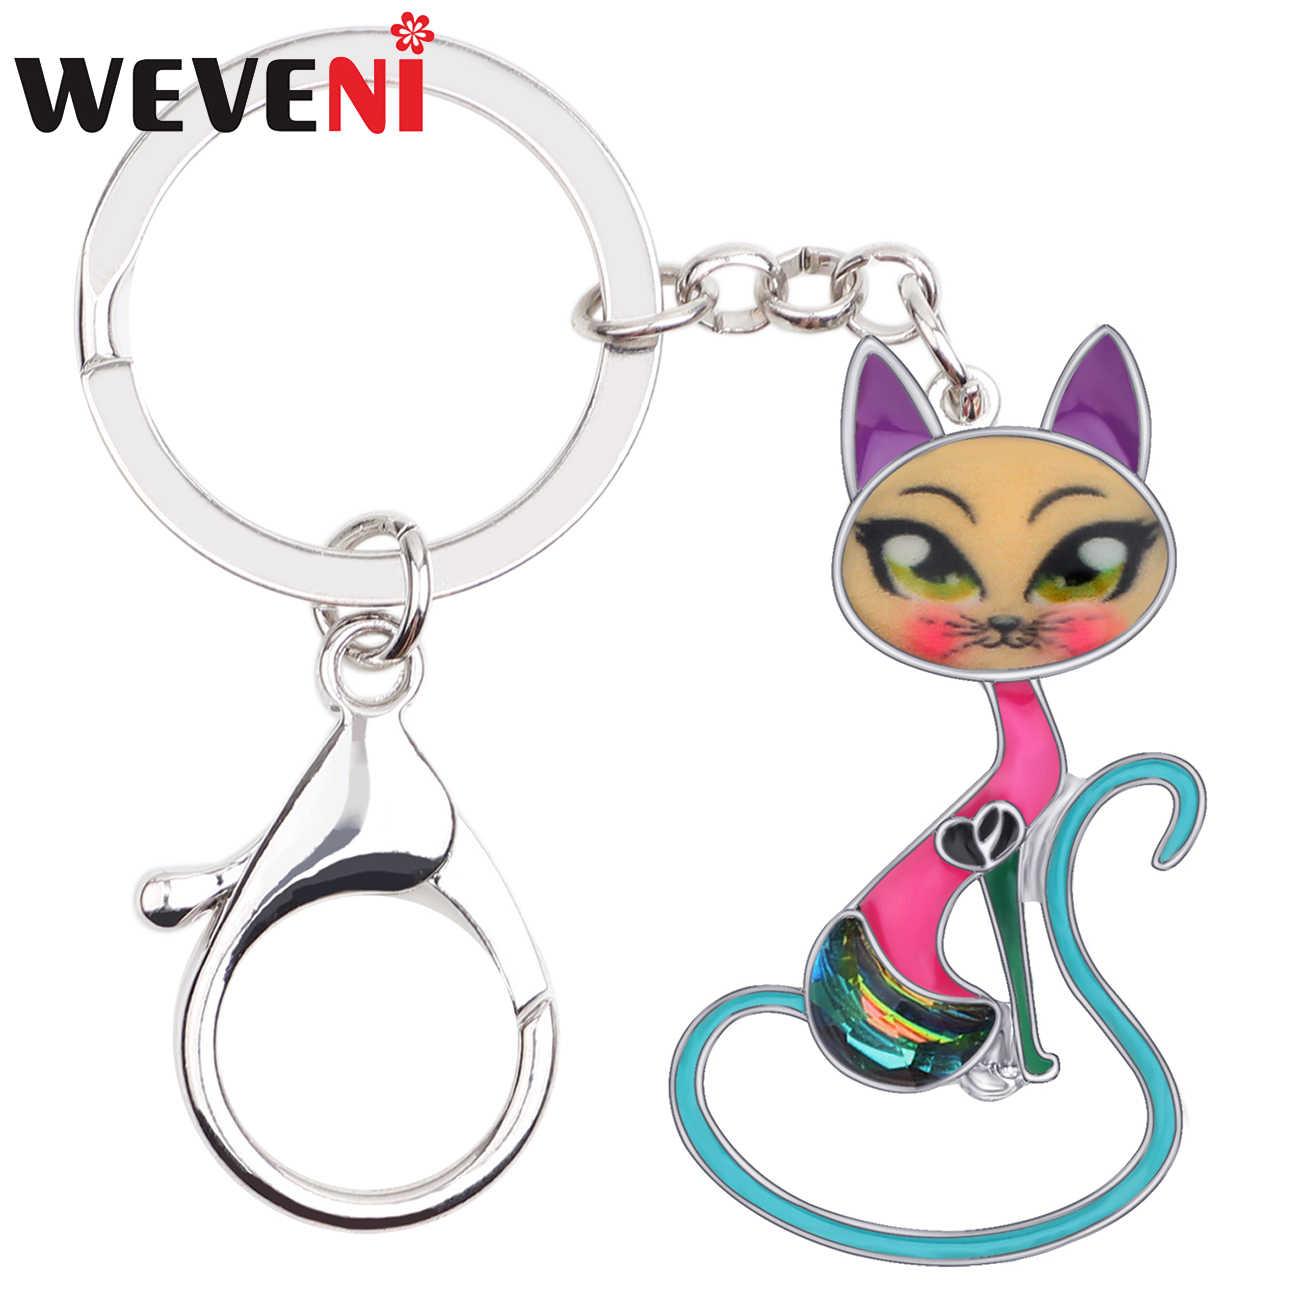 WEVENI эмаль сплава горный хрусталь котенок кошка Ключ Цепочки брелок Мода животных украшения для женщин обувь девочек Сумка кошелек Шарм